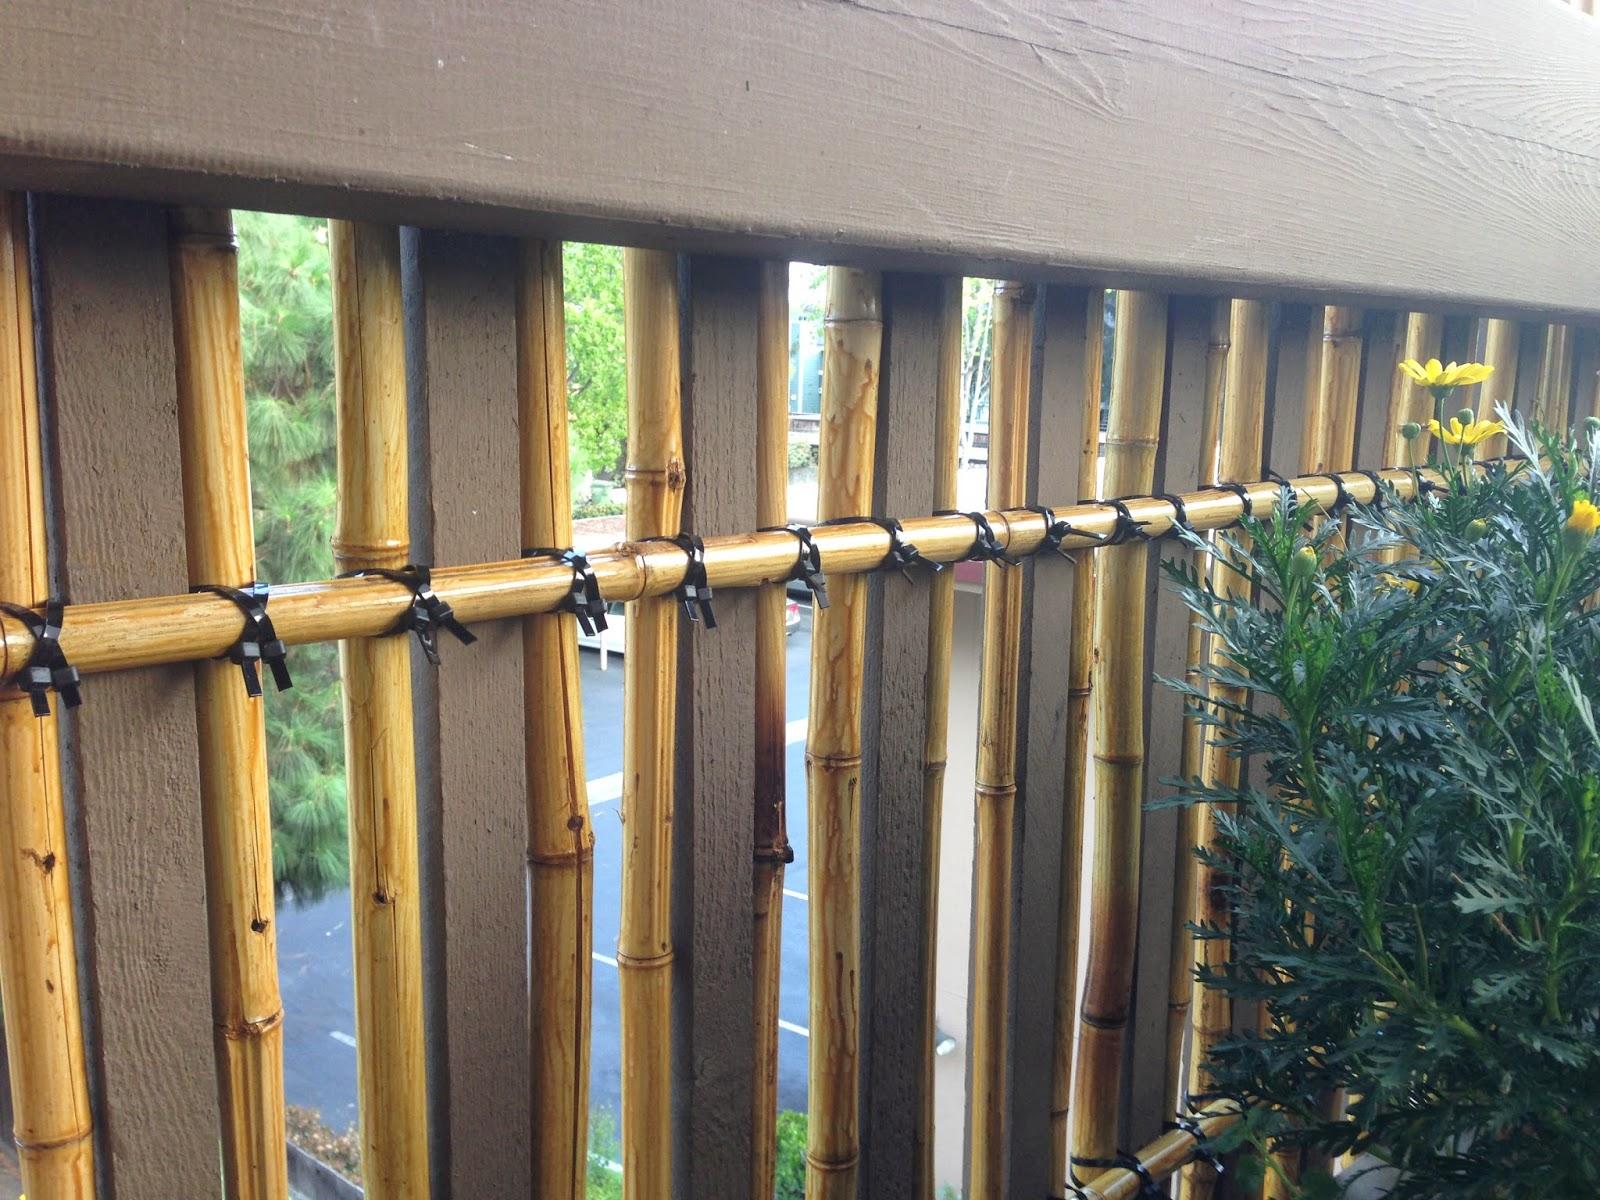 Balcony container garden bamboo privacy screen trellis for Outdoor bamboo privacy screen